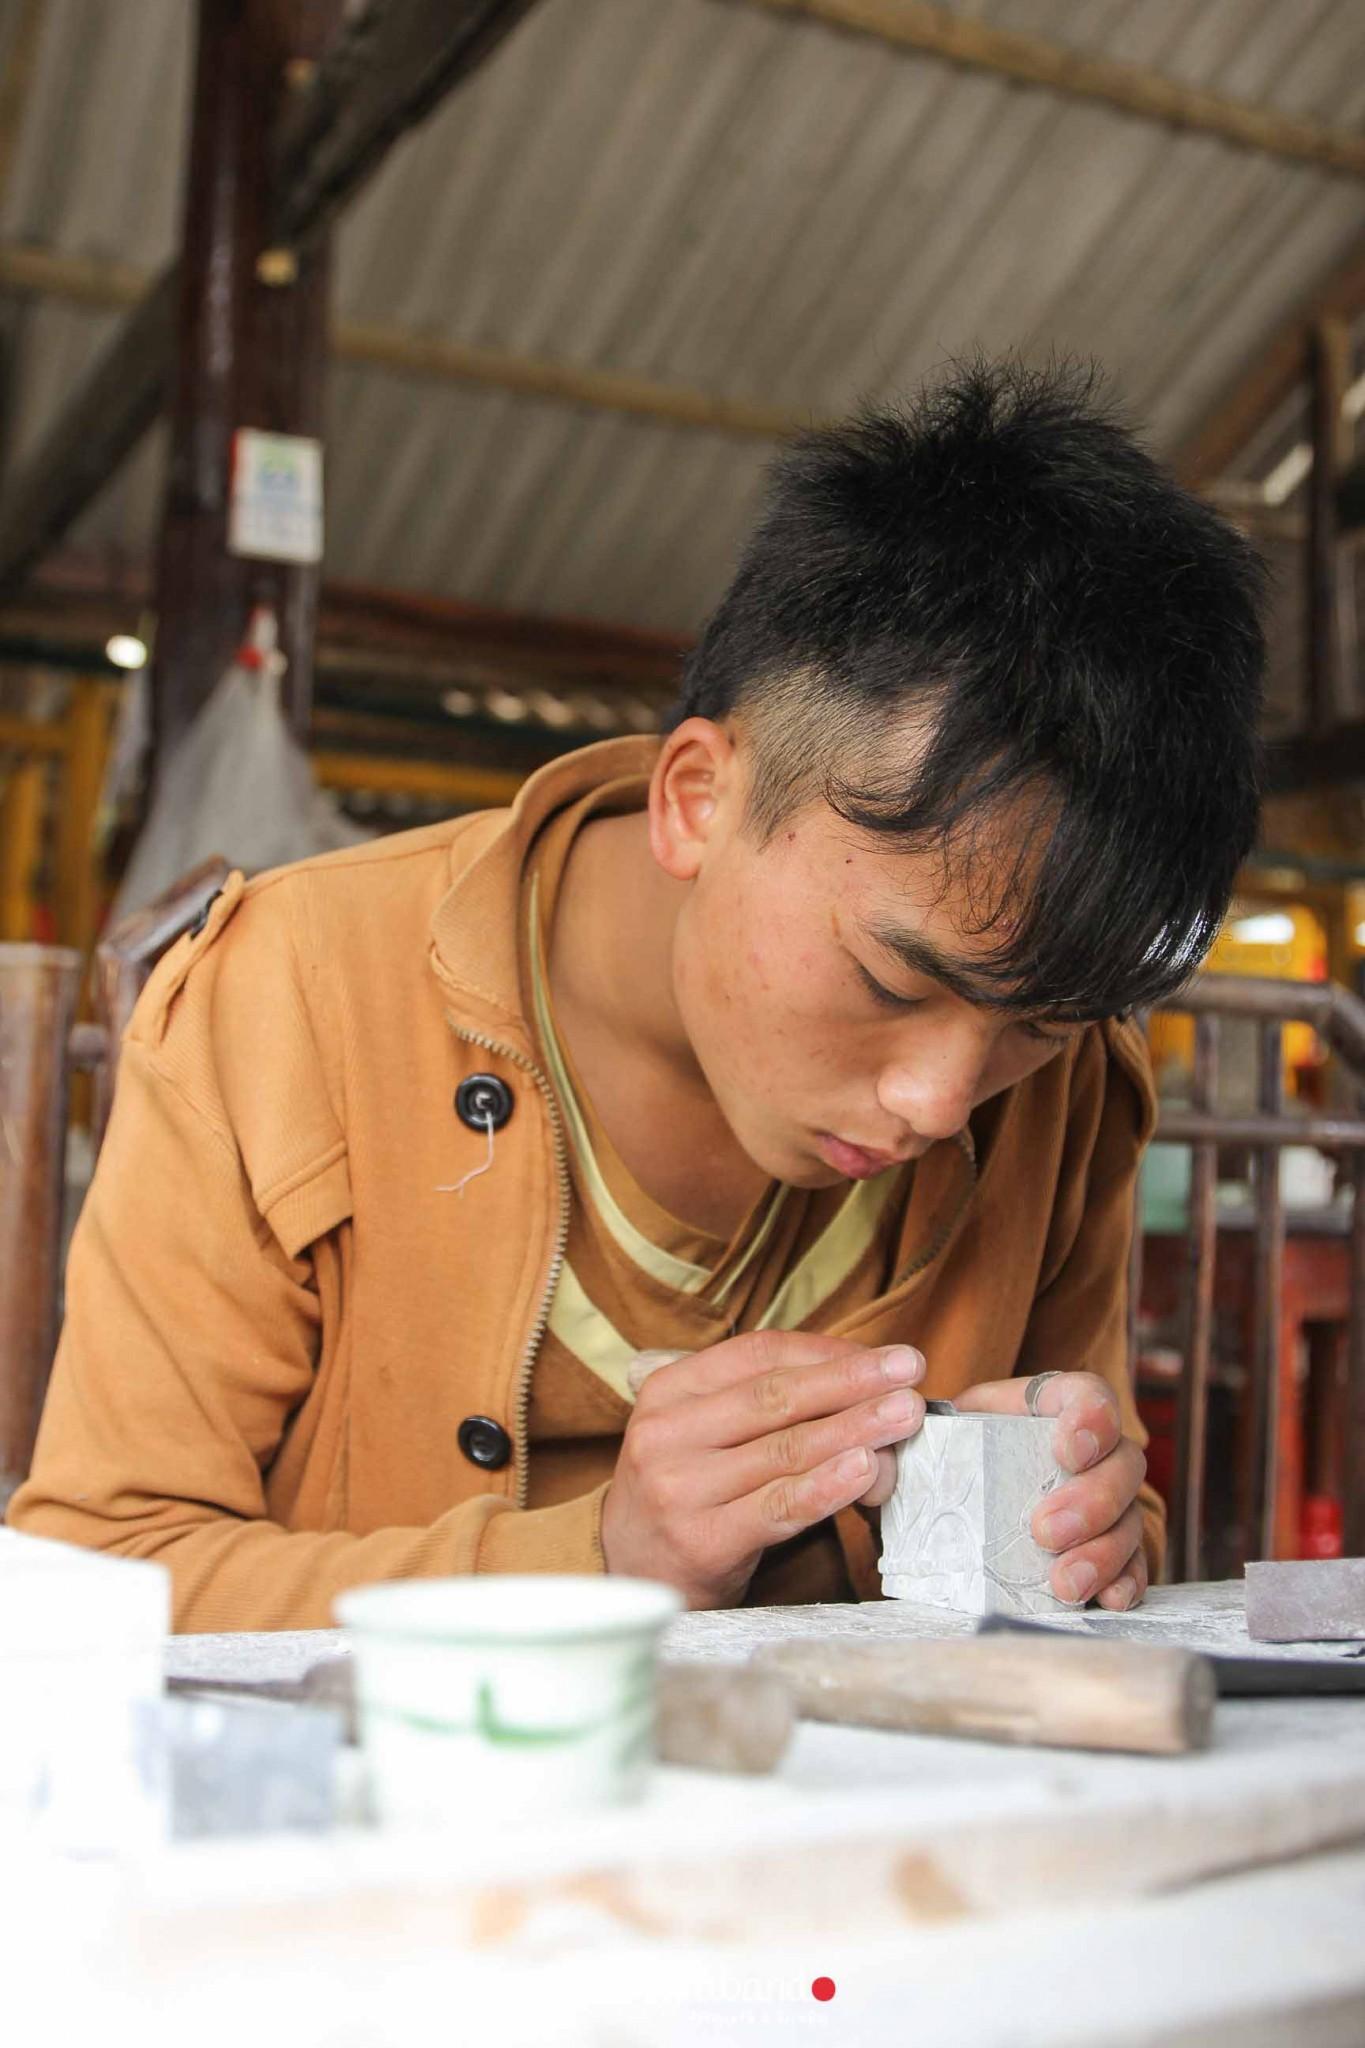 reportaje-vietnam_fotograficc81a-vietnam_estamosgrabando-vietnam_rutasvietnam_reportaje-retratos-fotos-vietnam_fotografia-vietnam_reportaje-estamosgrabando-fotograficc81a-vietnam-20 Pequeños grandes recuerdos de Vietnam en 100 imágenes - video boda cadiz